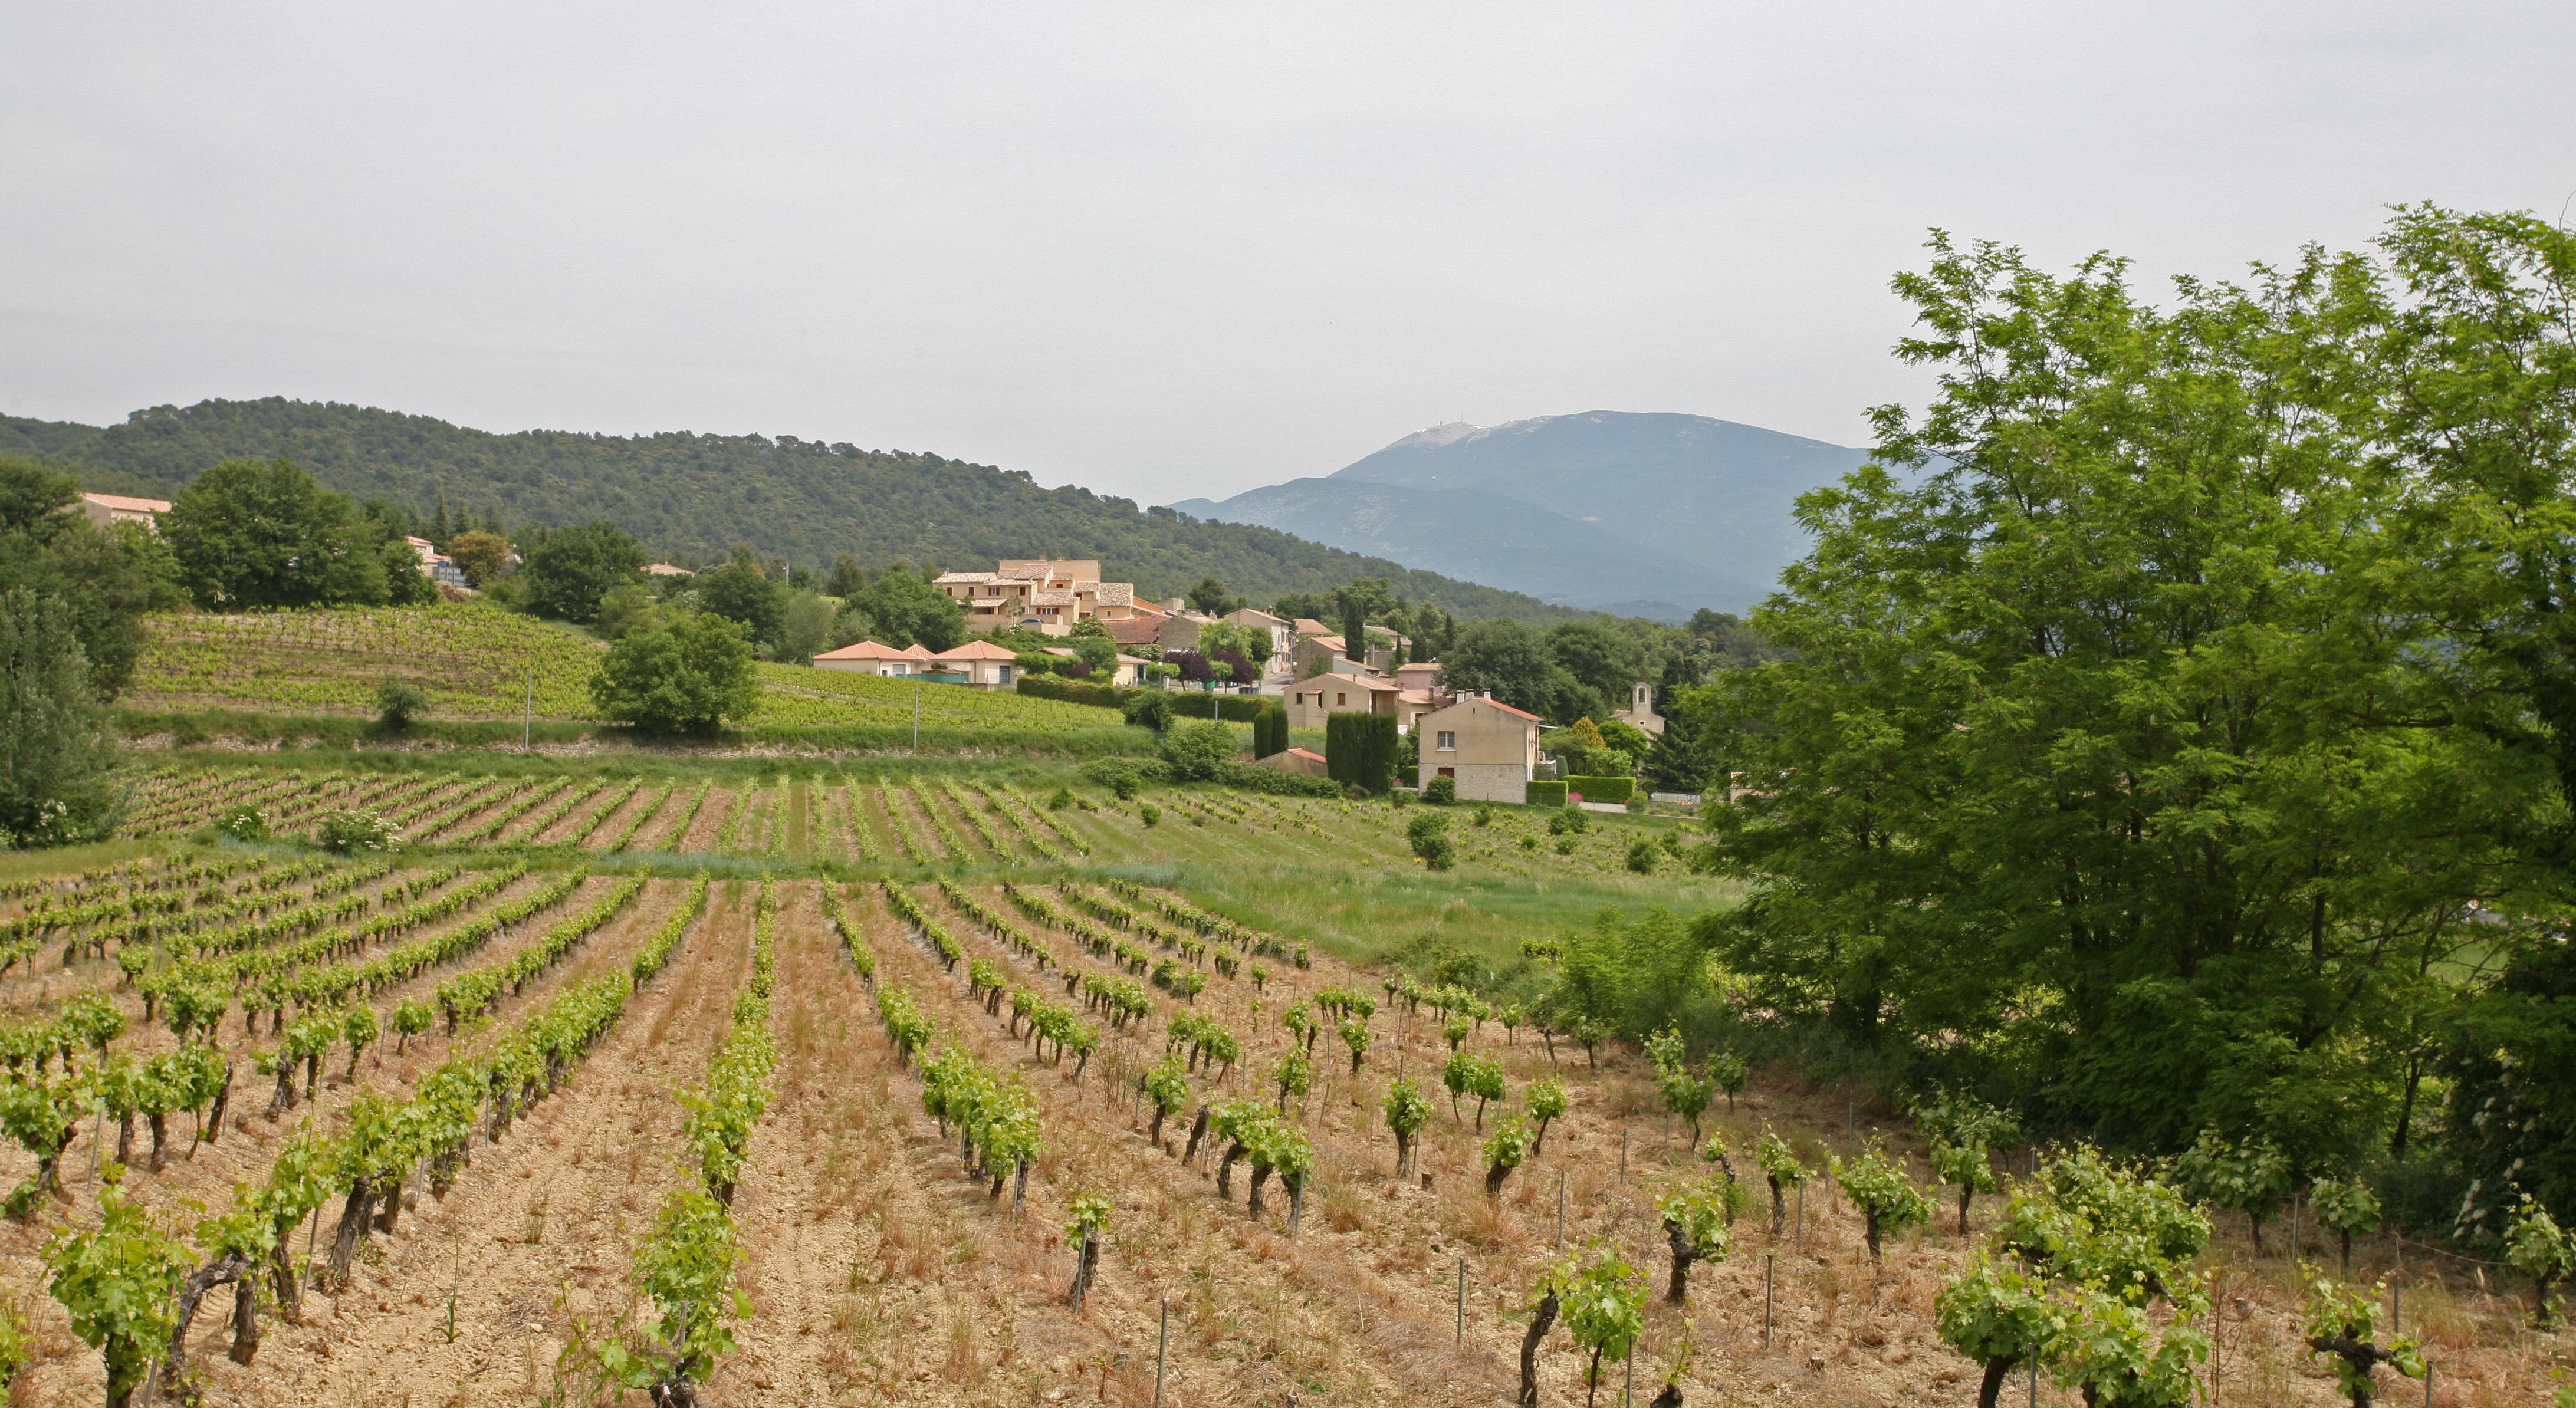 Saint-Marcellin-lès-Vaison